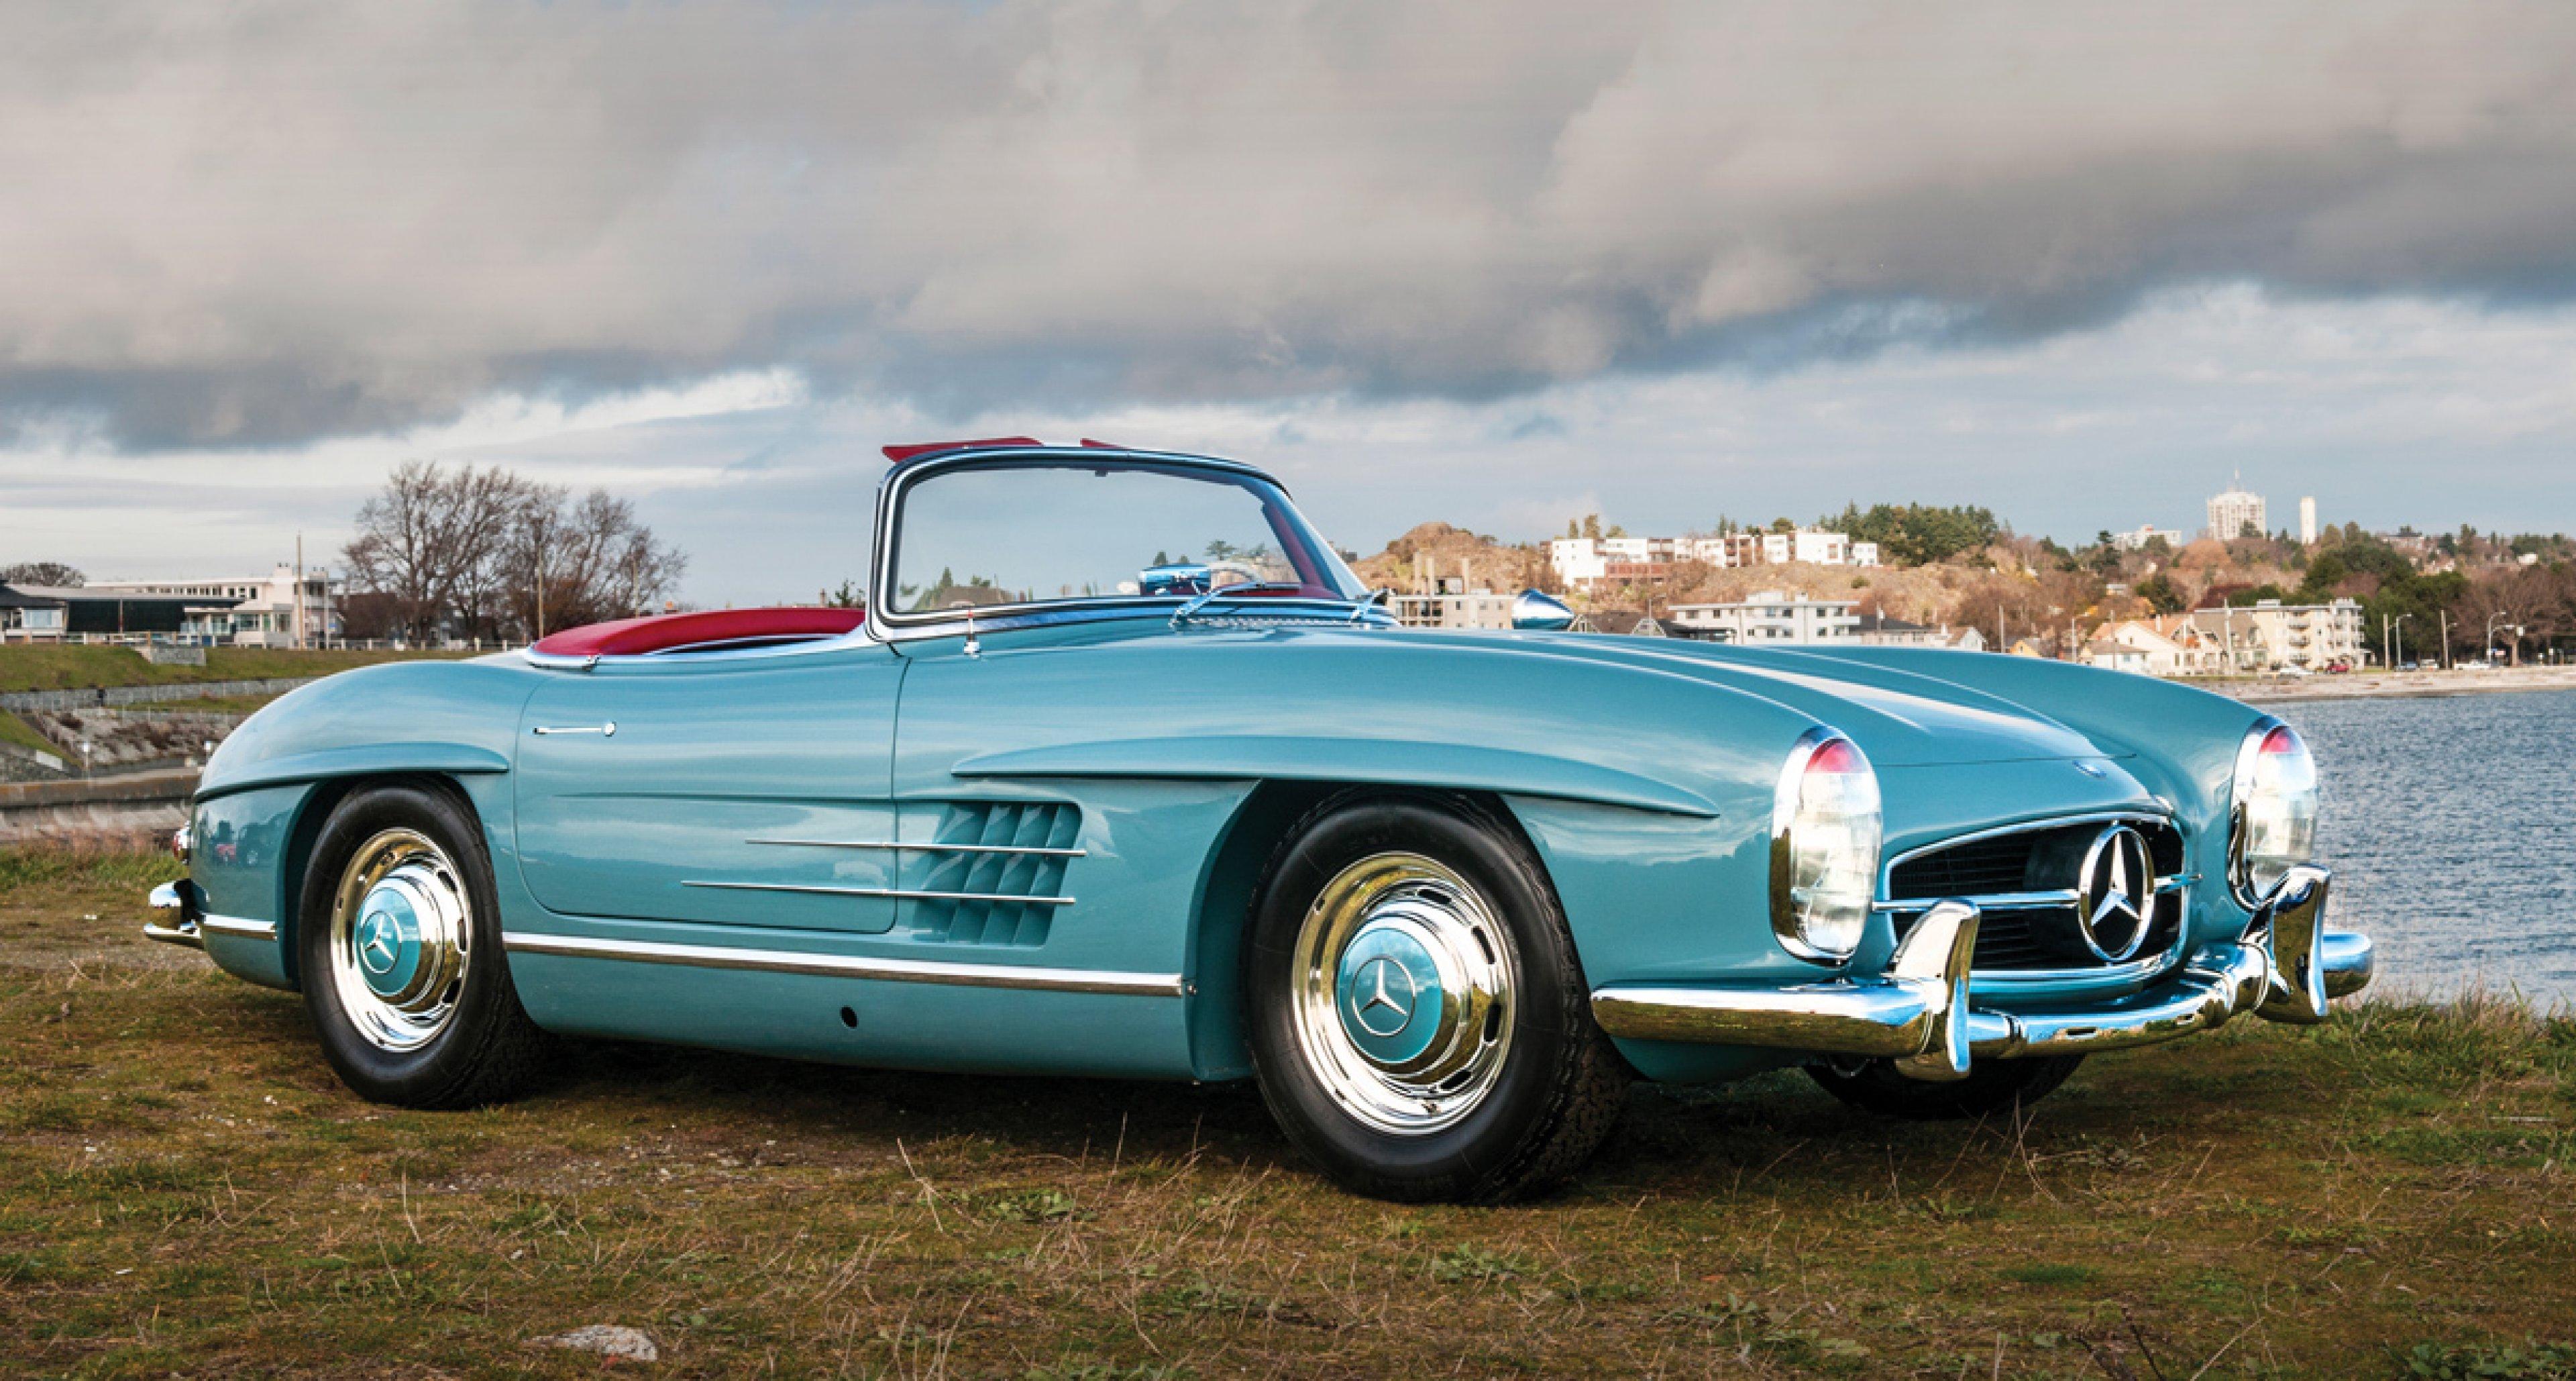 1958 Mercedes-Benz 300 SL Roadster / $900,000 - $1,200,000 (Lot 20)